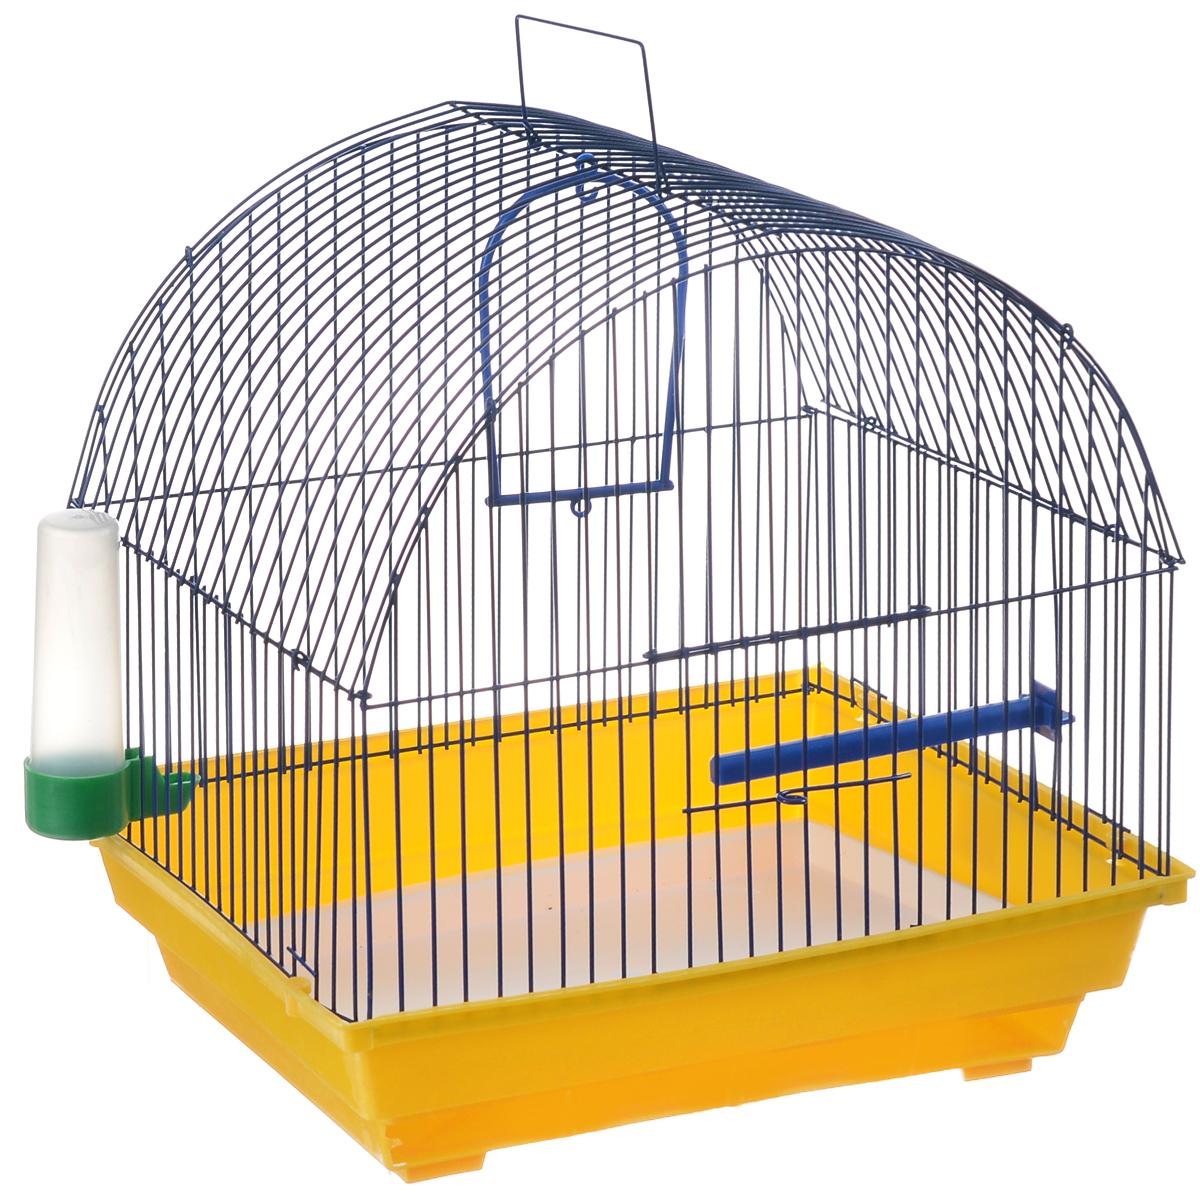 Клетка для птиц ЗооМарк, цвет: желтый поддон, синяя решетка, 35 х 28 х 34 см0120710Клетка ЗооМарк, выполненная из полипропилена и металла, предназначена для мелких птиц.Изделие состоит из большого поддона и решетки. Клетка снабжена металлической дверцей. В основании клетки находится малый поддон. Клетка удобна в использовании и легко чистится. Она оснащена жердочкой, кольцом для птицы, поилкой, кормушкой и подвижной ручкой для удобной переноски.